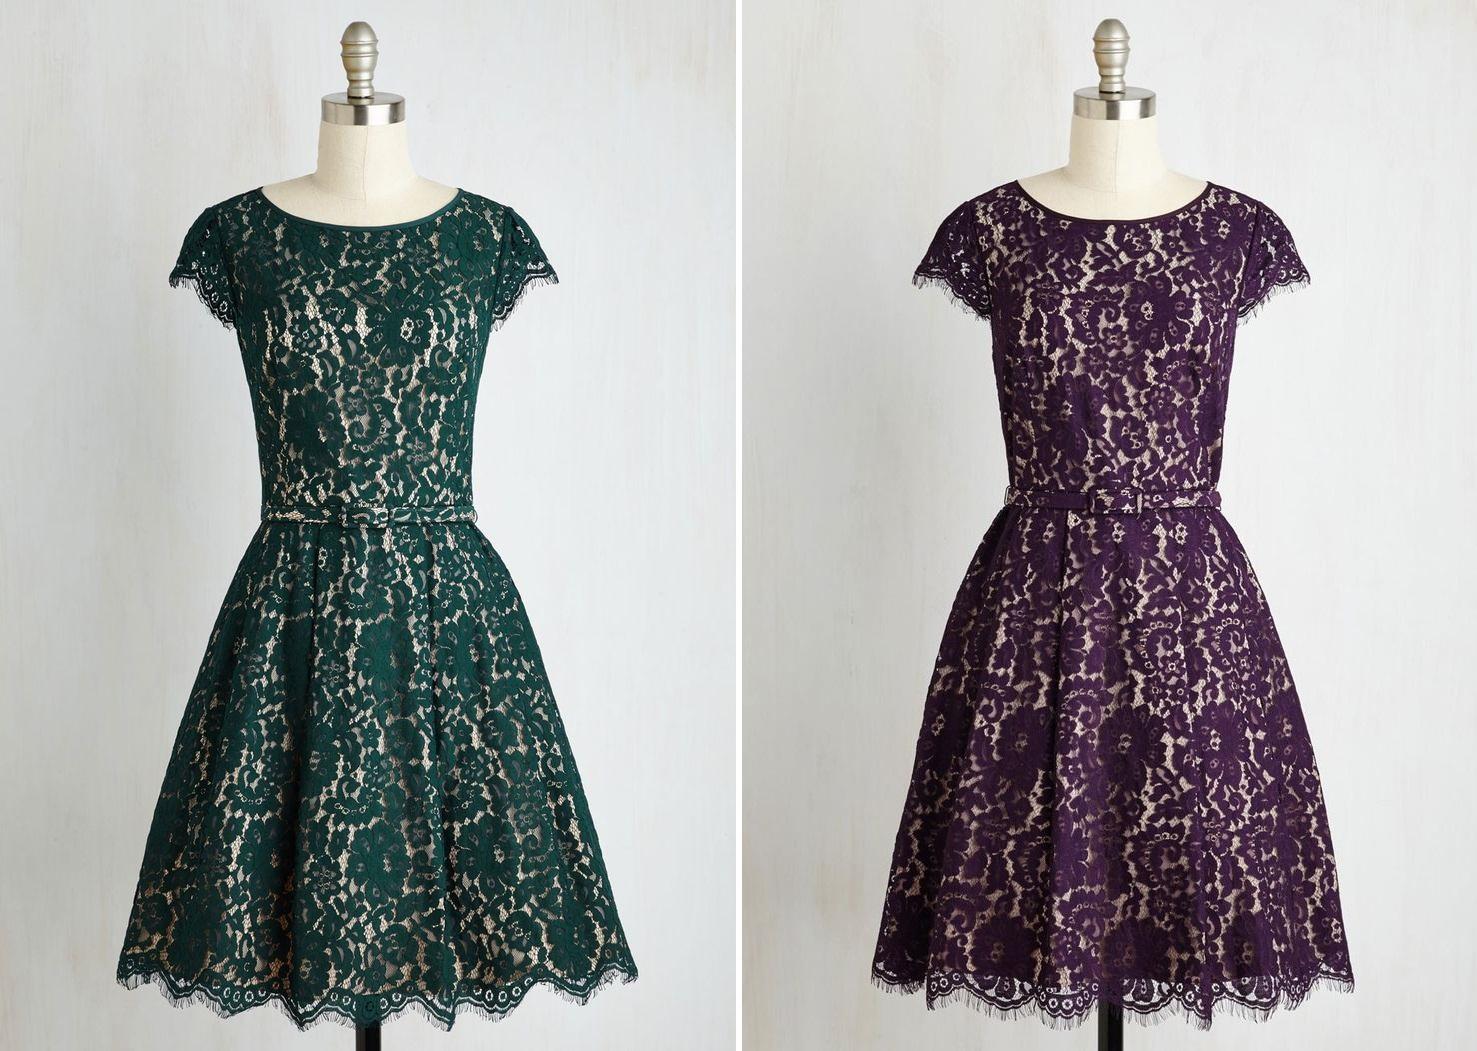 Classic Elegant 1950s Inspired Bridesmaid Dress